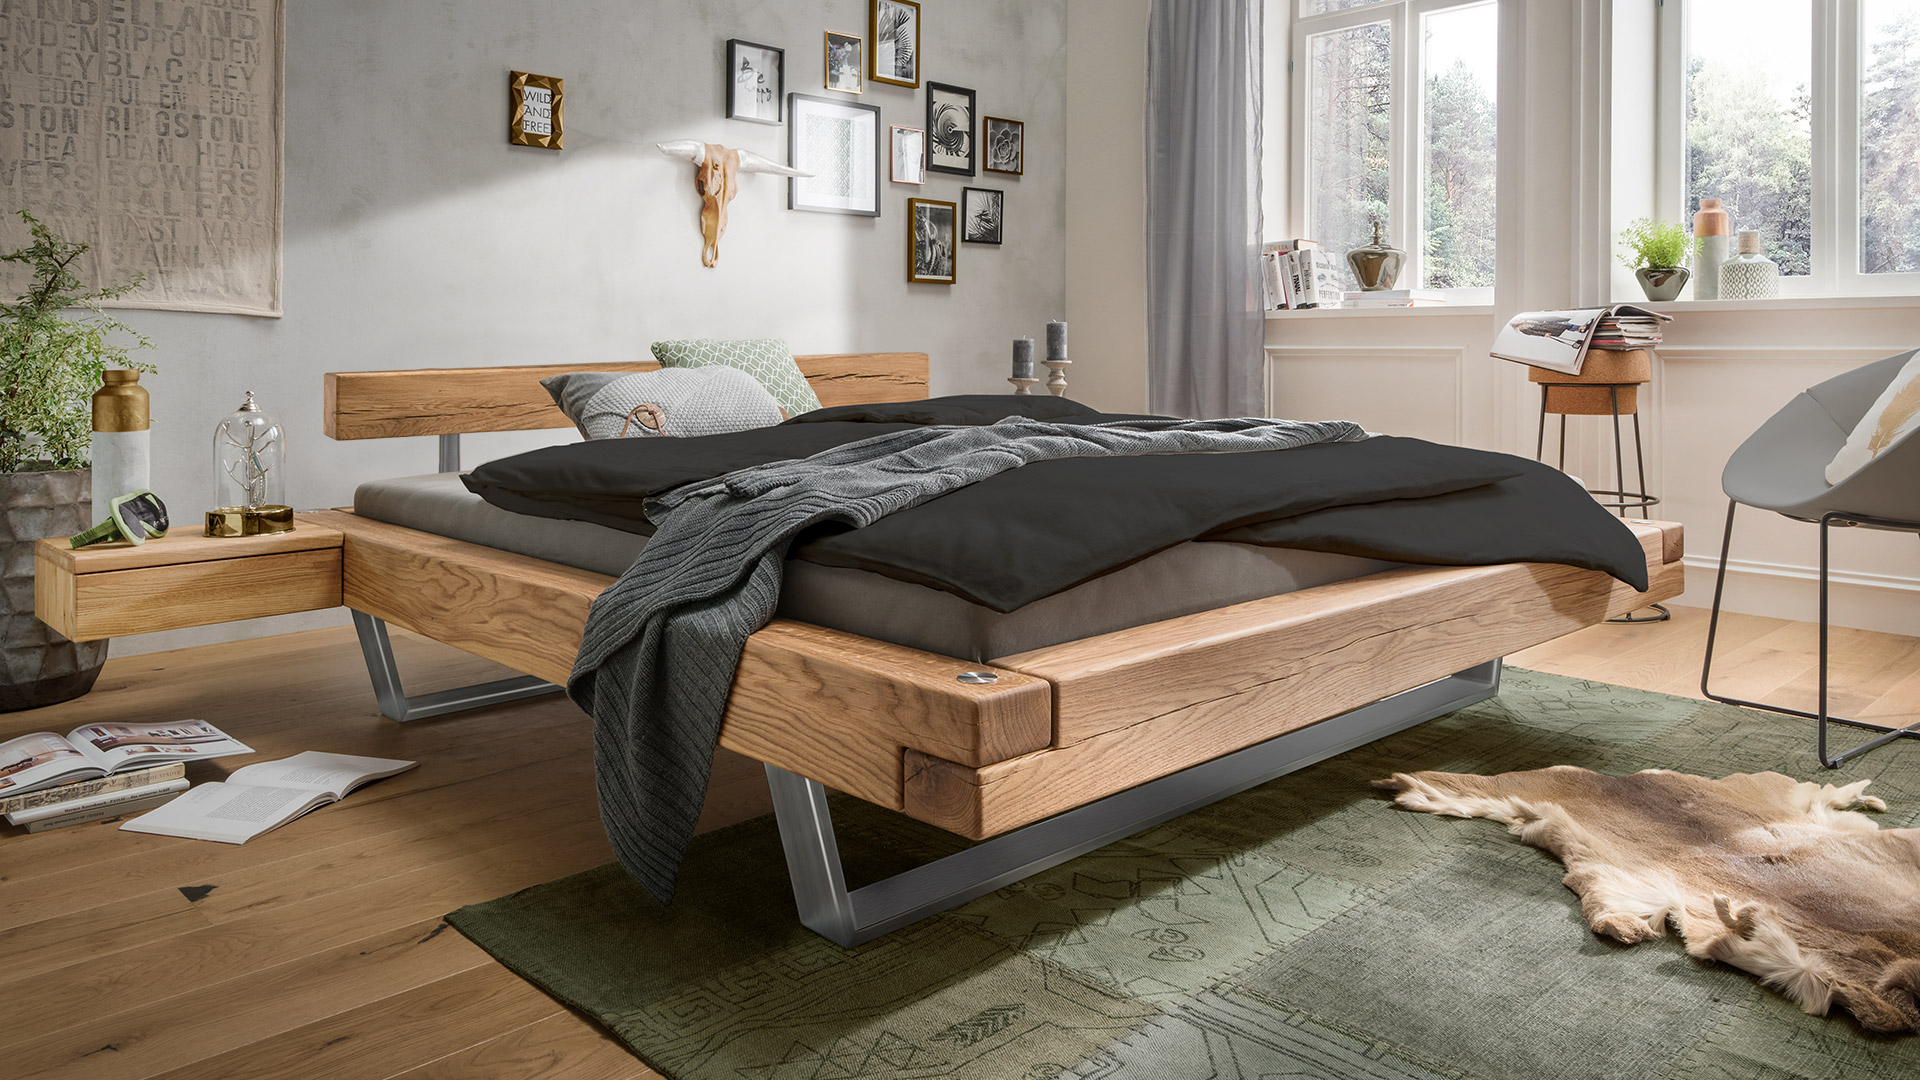 Schimmel im schlafzimmer allnatura schlafzimmer vintage gestalten bettw sche blumen tapeten Schlafzimmer einrichten 3d